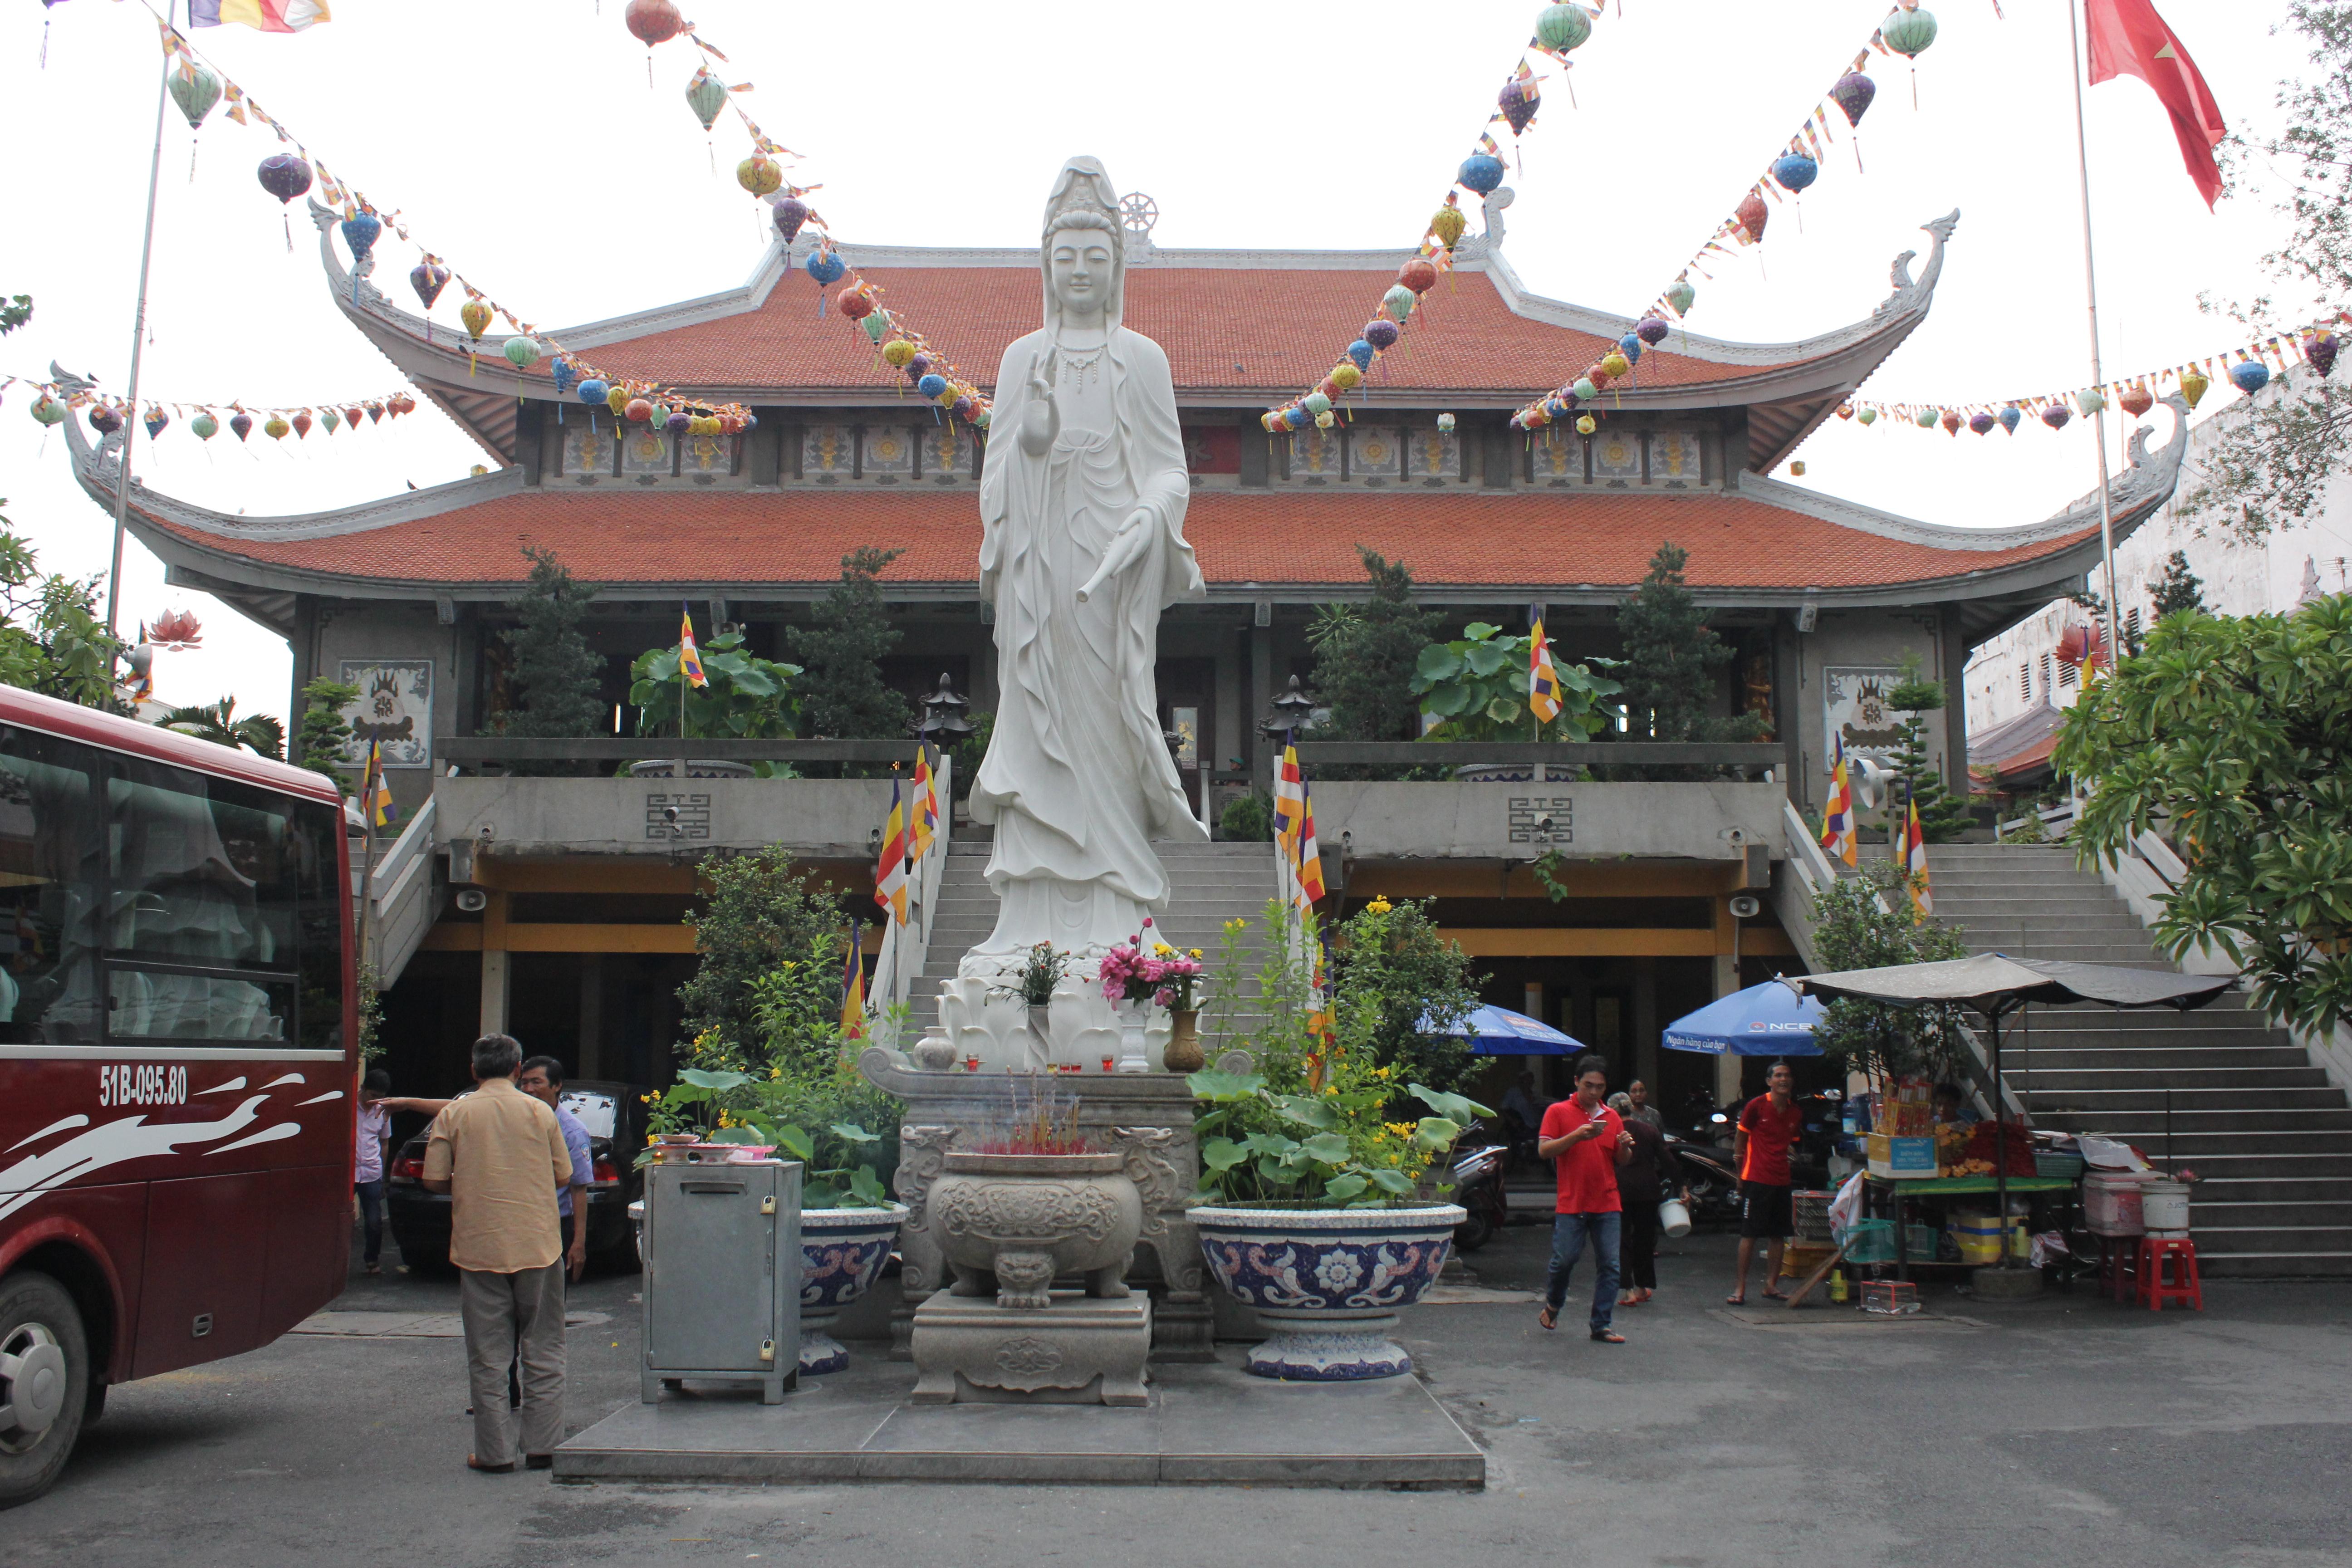 ヴィエンギイム寺院